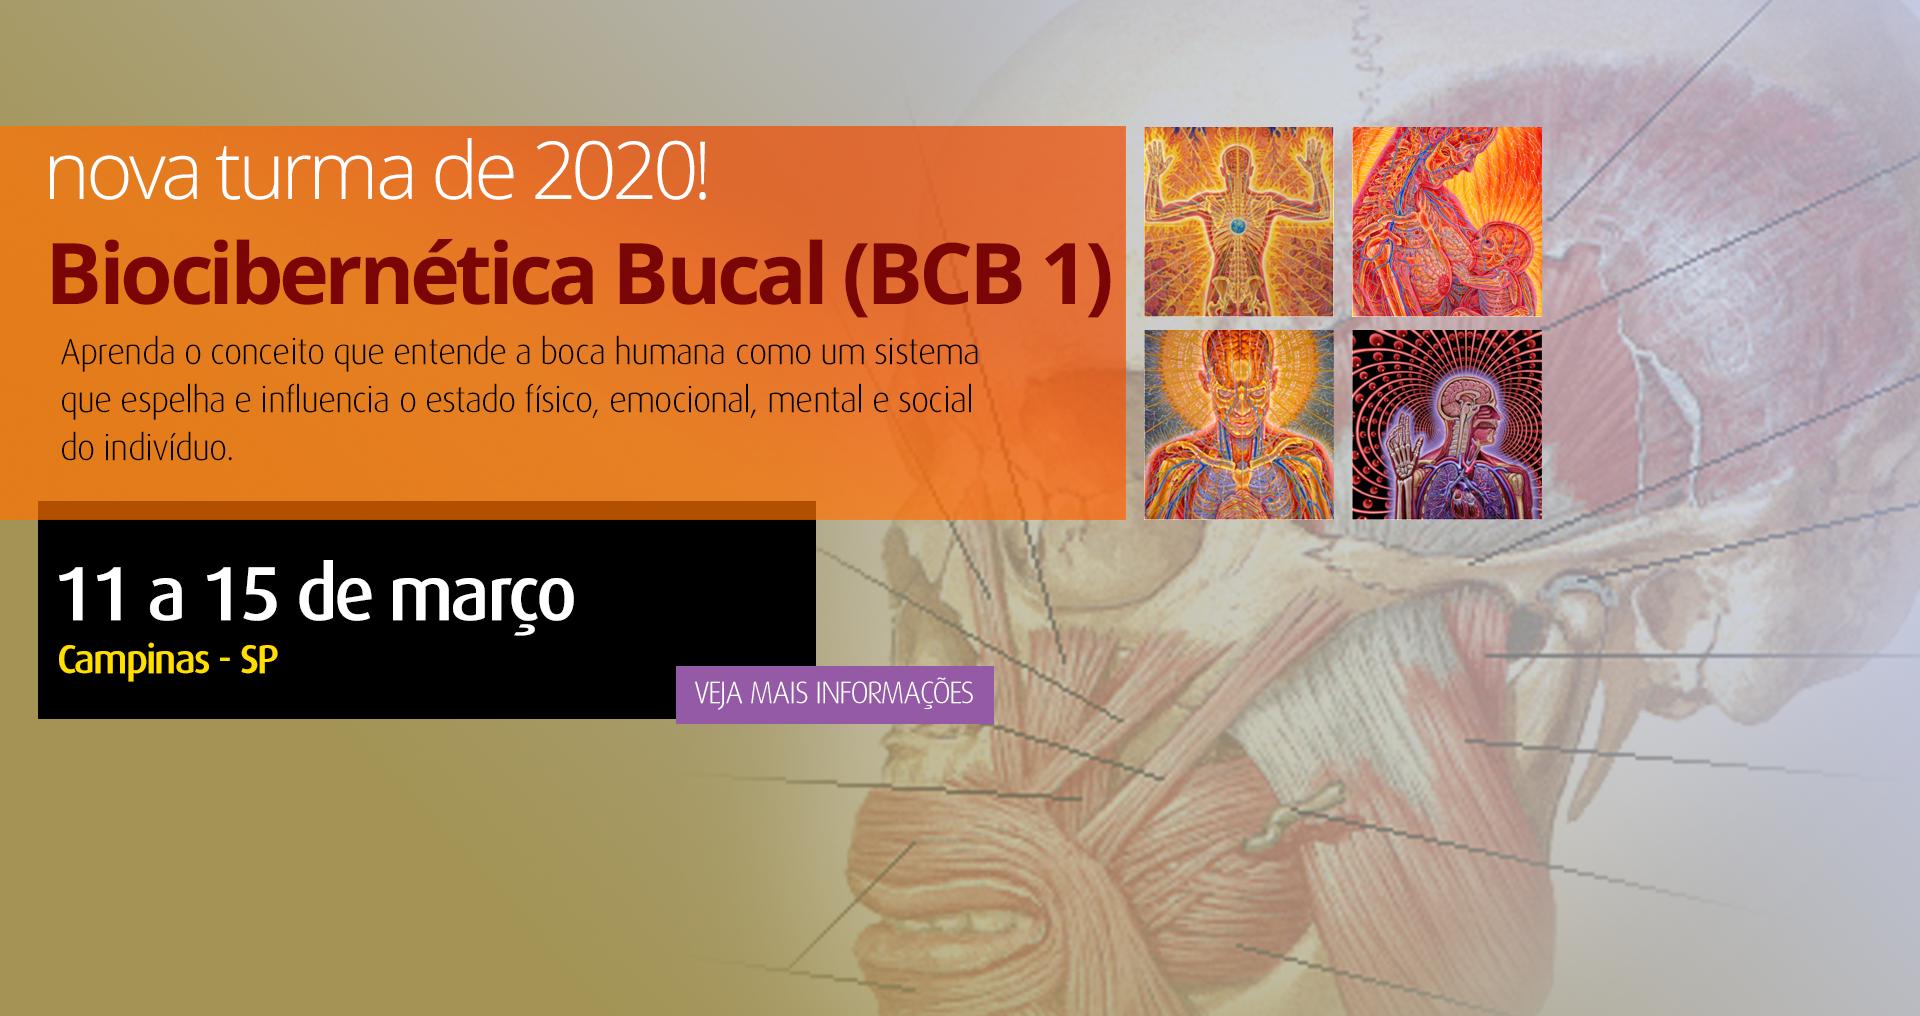 BCB 1 2020